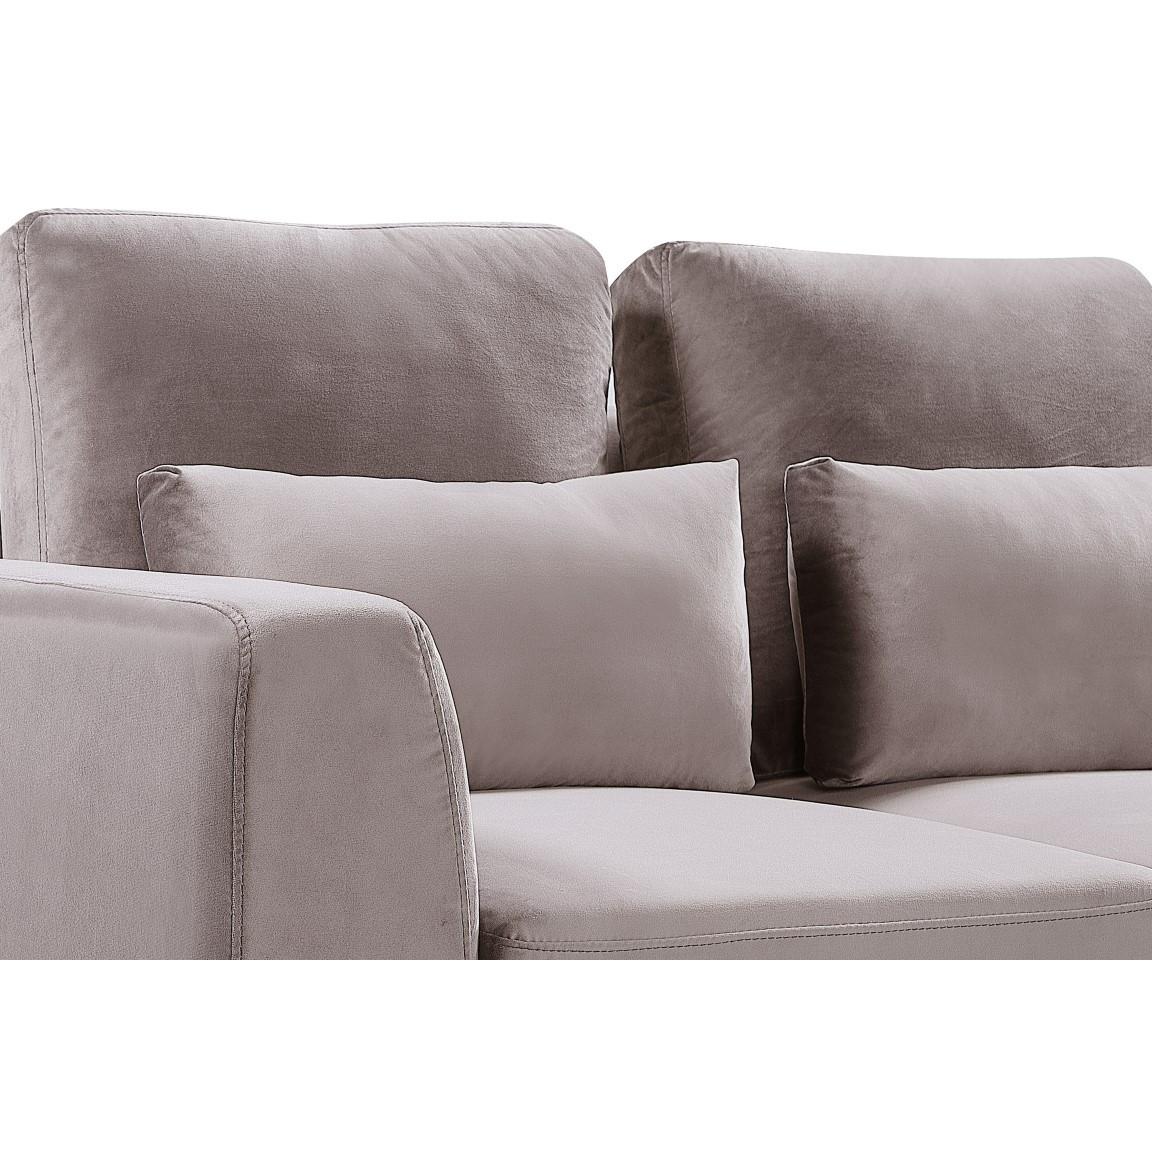 2-Sitzer-Sofa Enjoy 833 | Grau